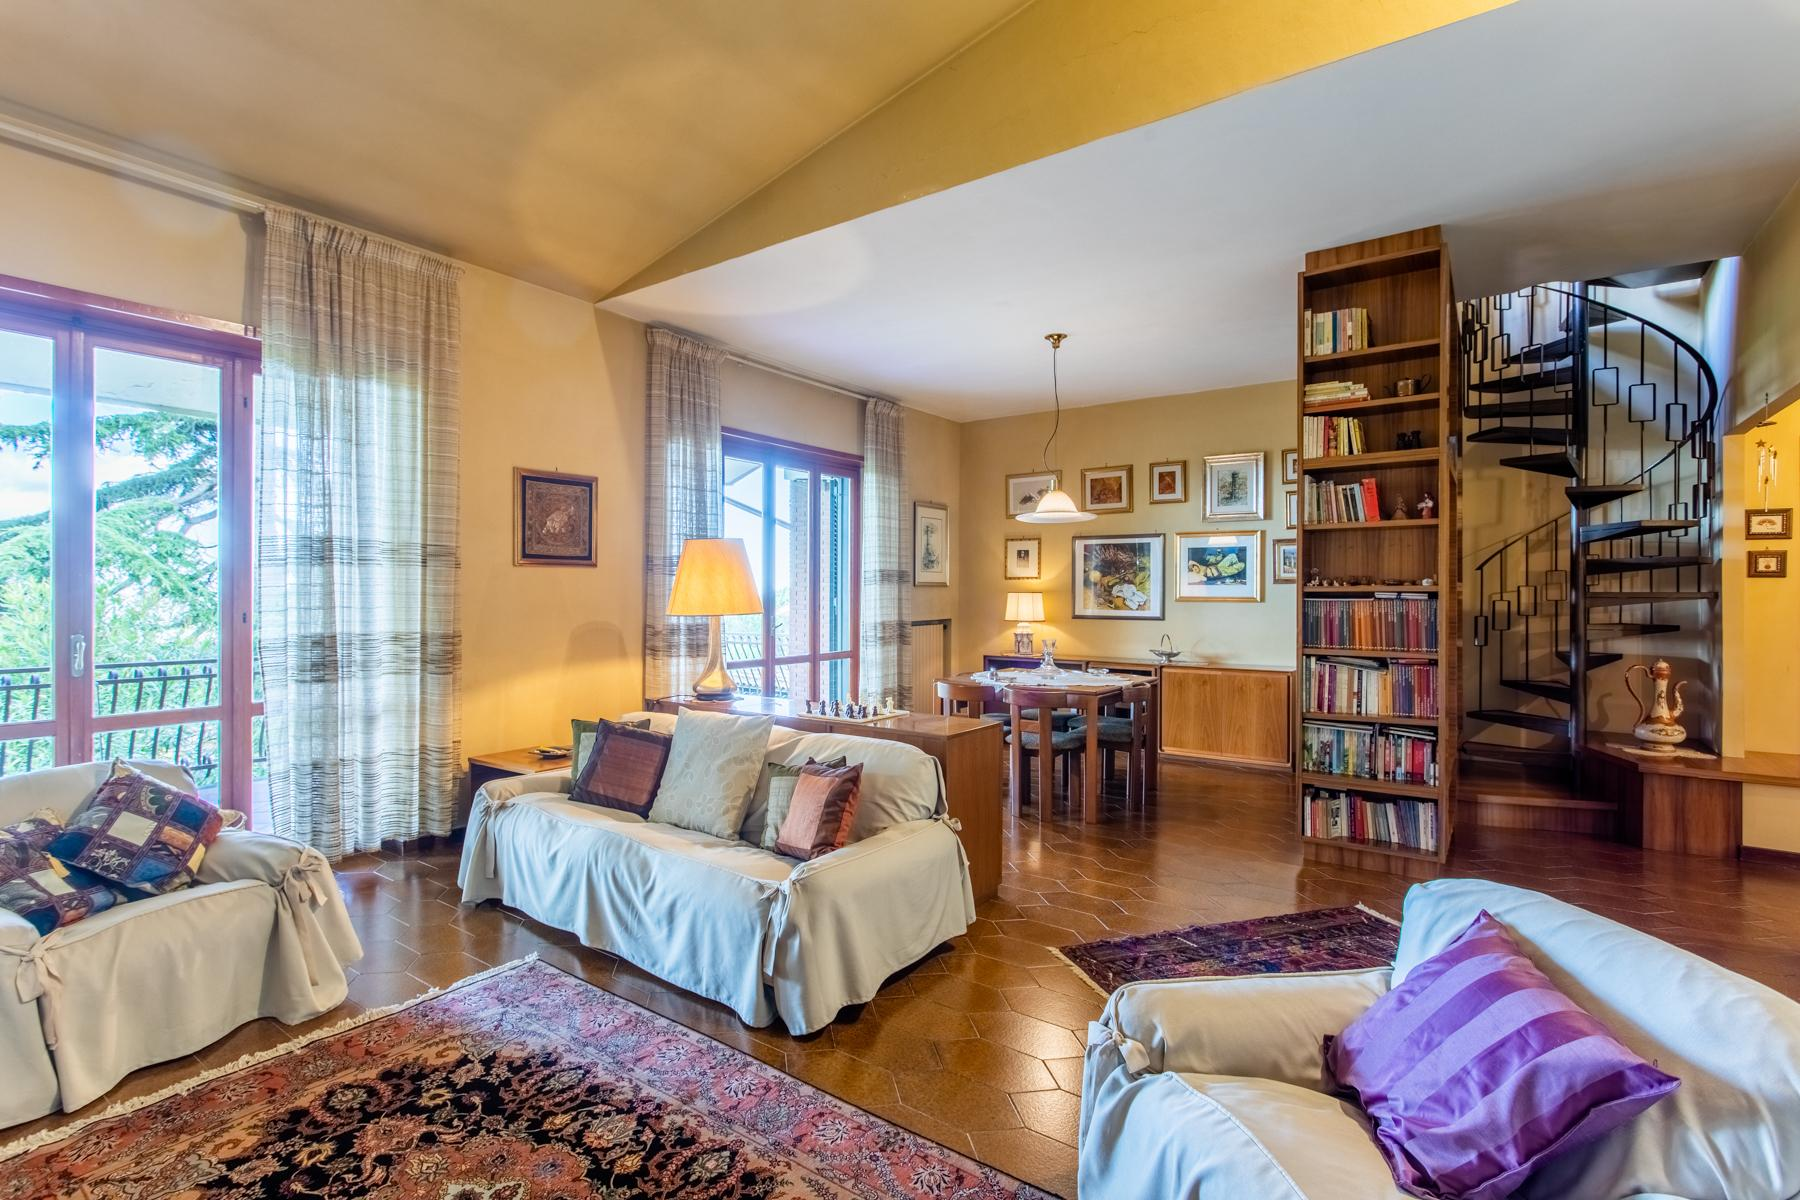 Charming Villa near Castel Gandolfo - 5